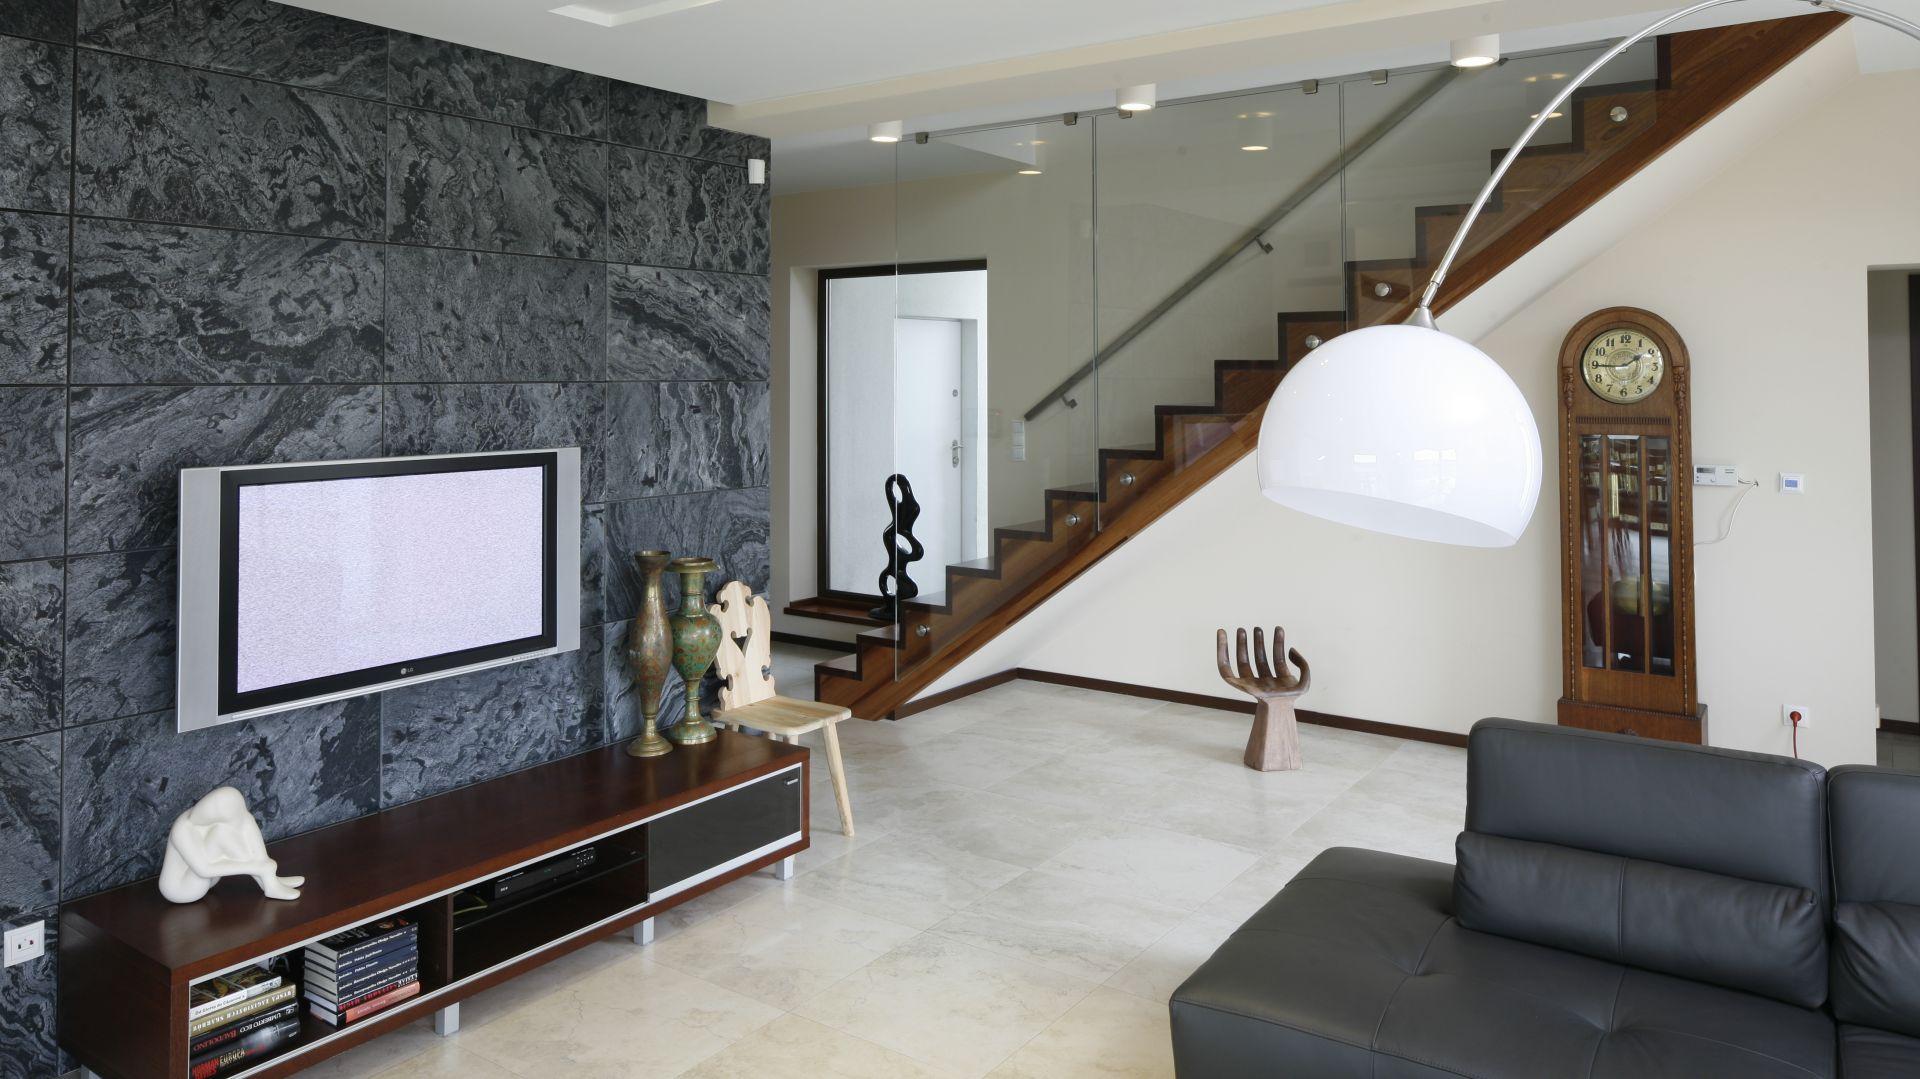 Telewizor w salonie - pomysł na ścianę. Projekt: Piotr Stanisz. Fot. Bartosz Jarosz